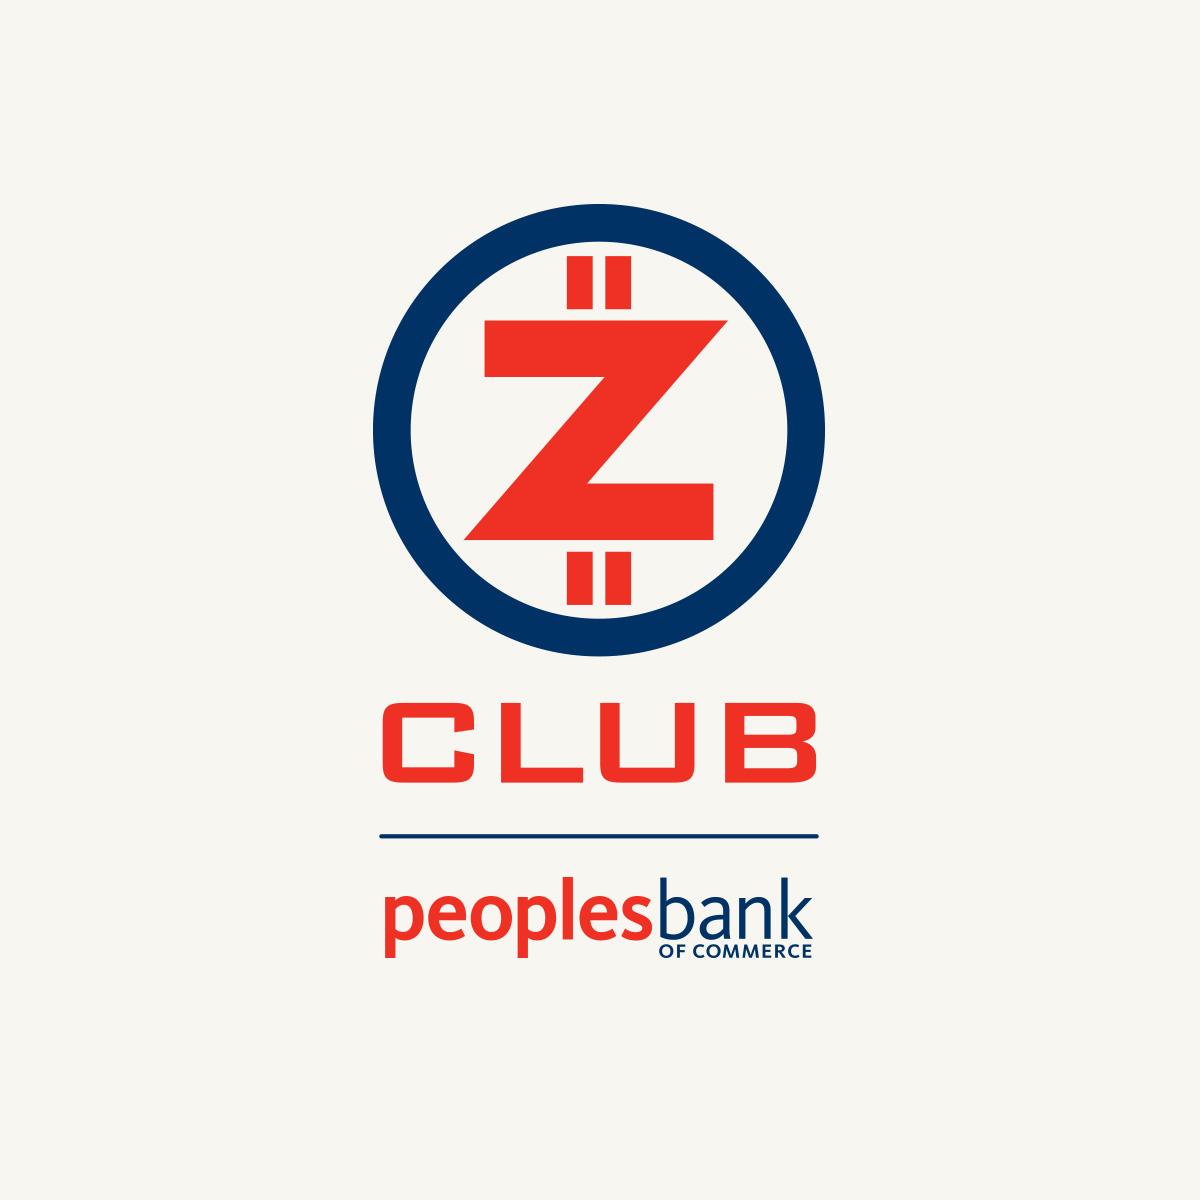 PB_Z_Club.jpg